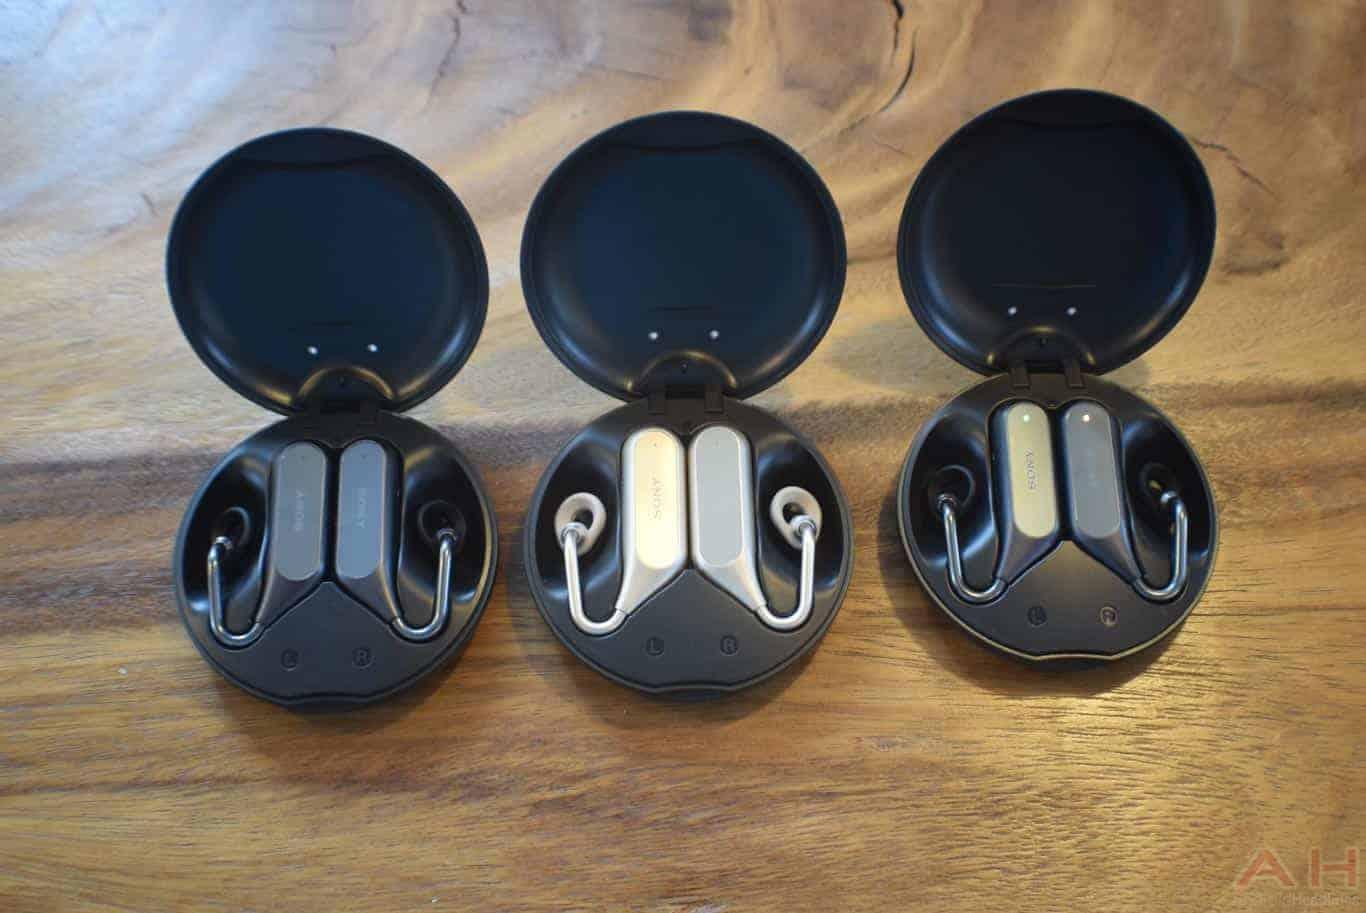 Sony Xperia Ear Duo MWC 18 AM AH 5